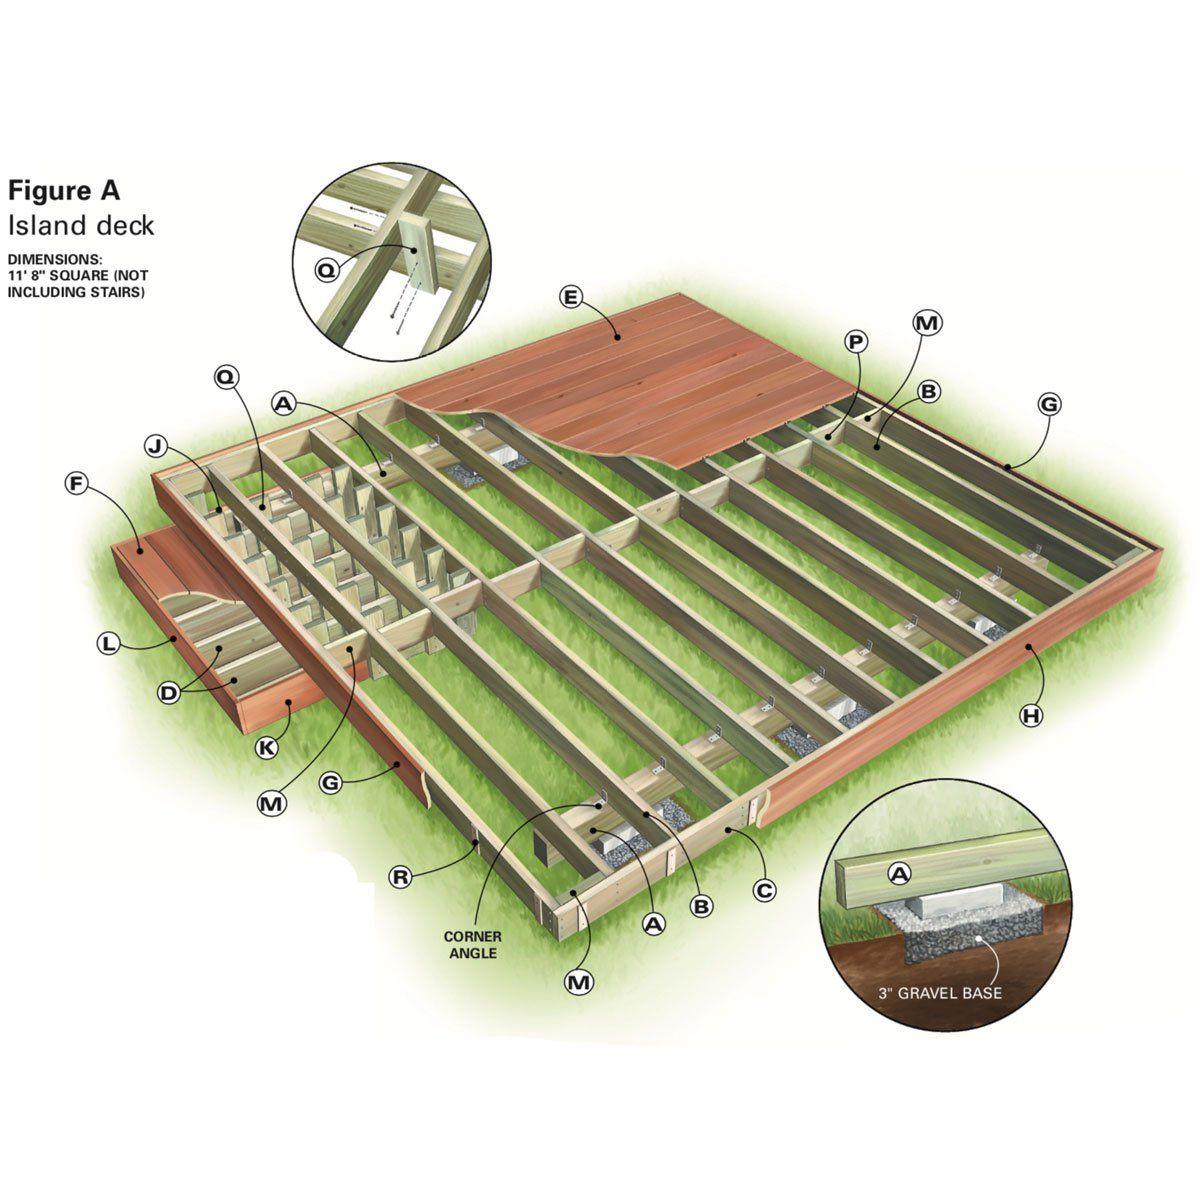 Backyard Decks Build An Island Deck Building A Floating Deck Island Deck Decks Backyard